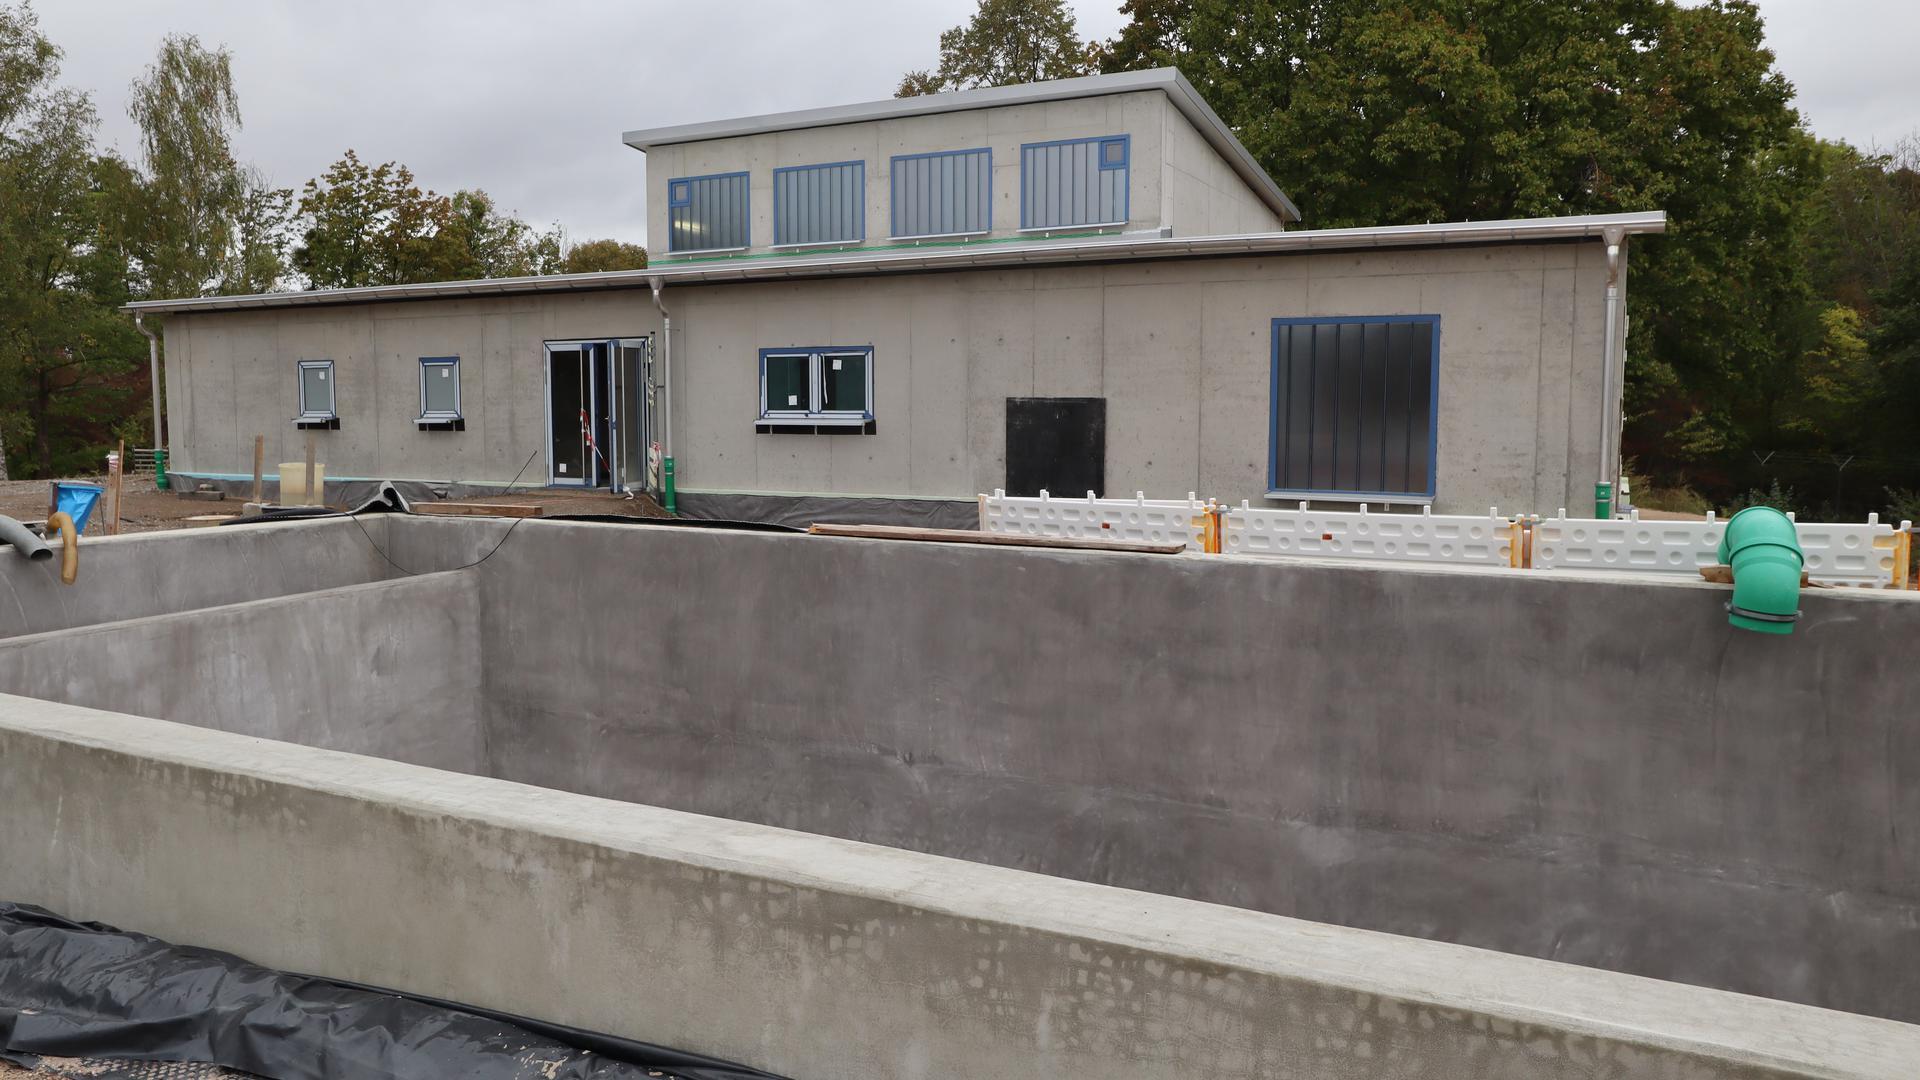 Gebäude in Beton, davor ein großes Becken aus Beton